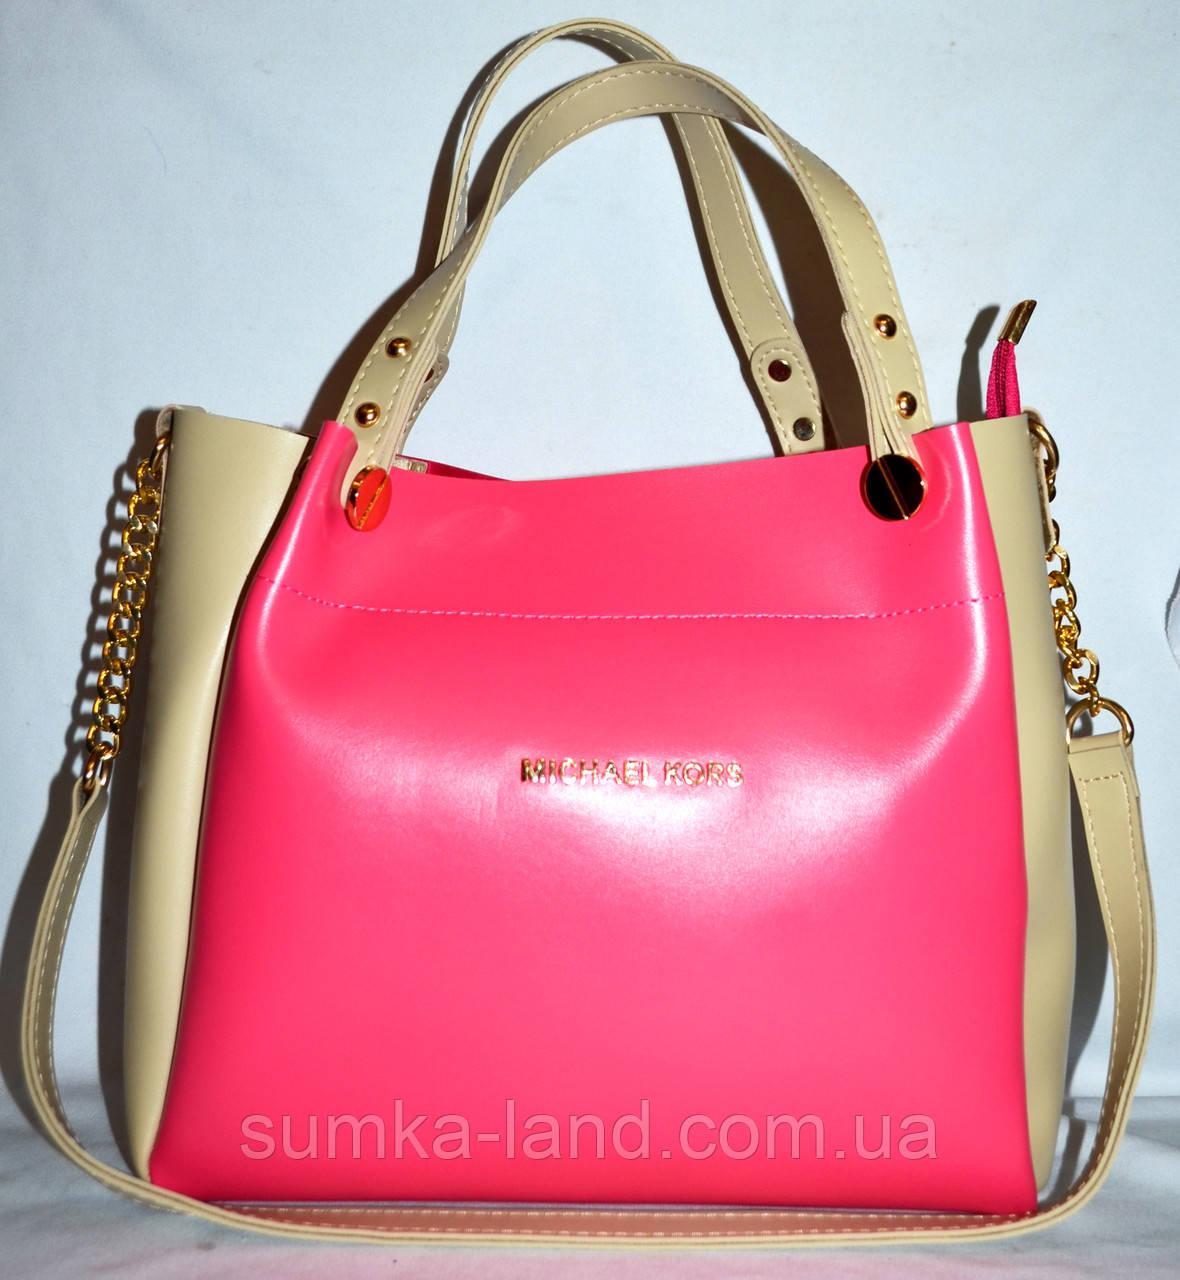 46ca98797161 Женская розовая сумка Michael Kors с молочными вставками с ремешком на  цепочке 30*27 см